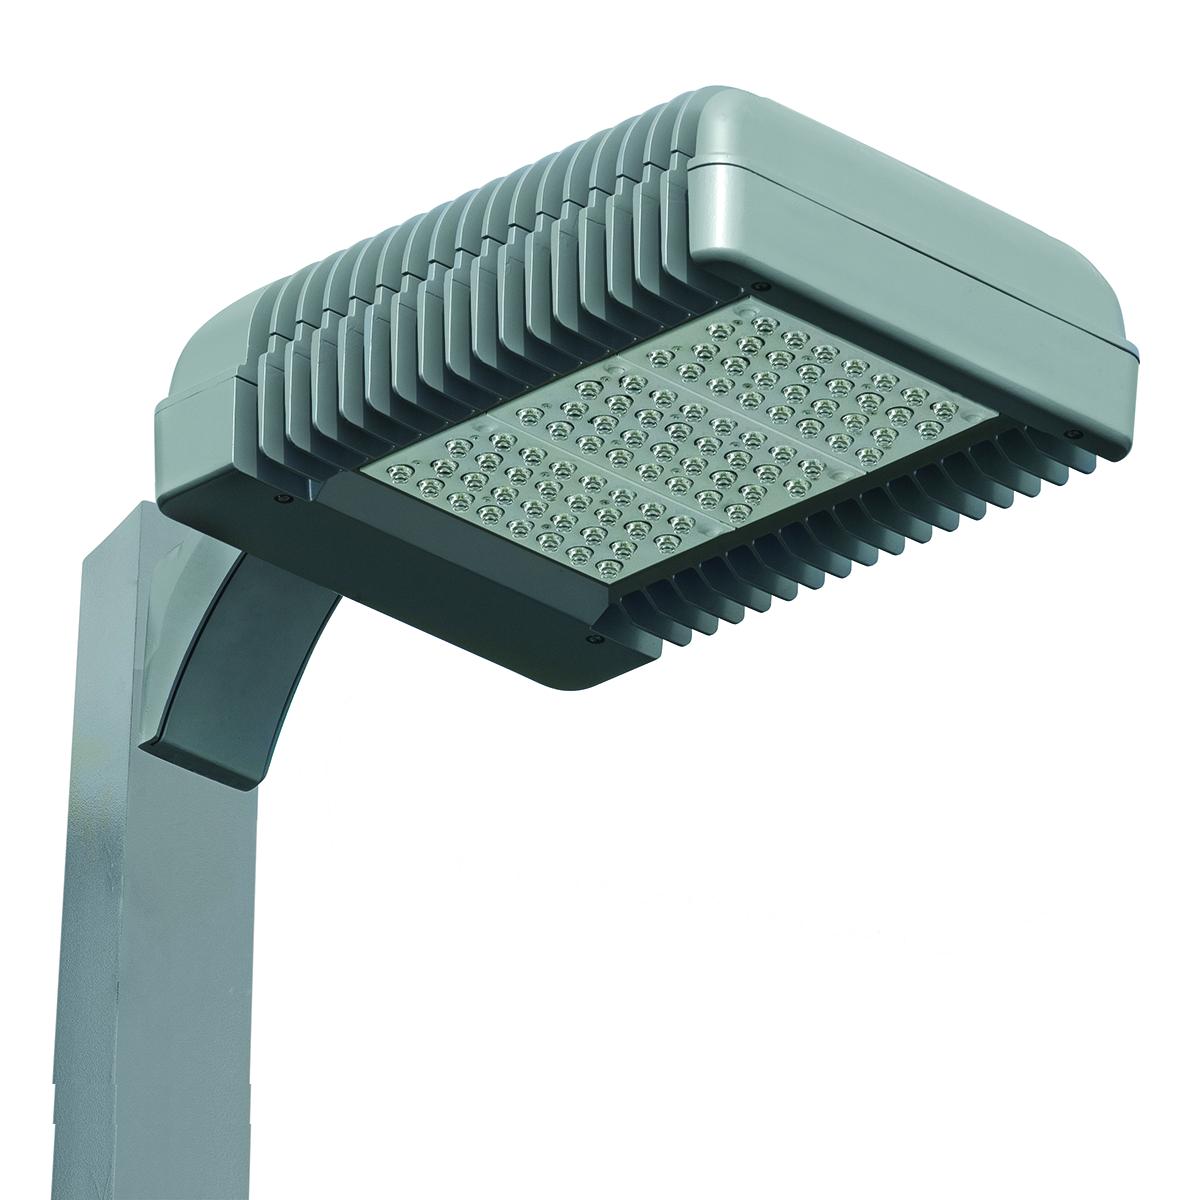 Cimarron LED